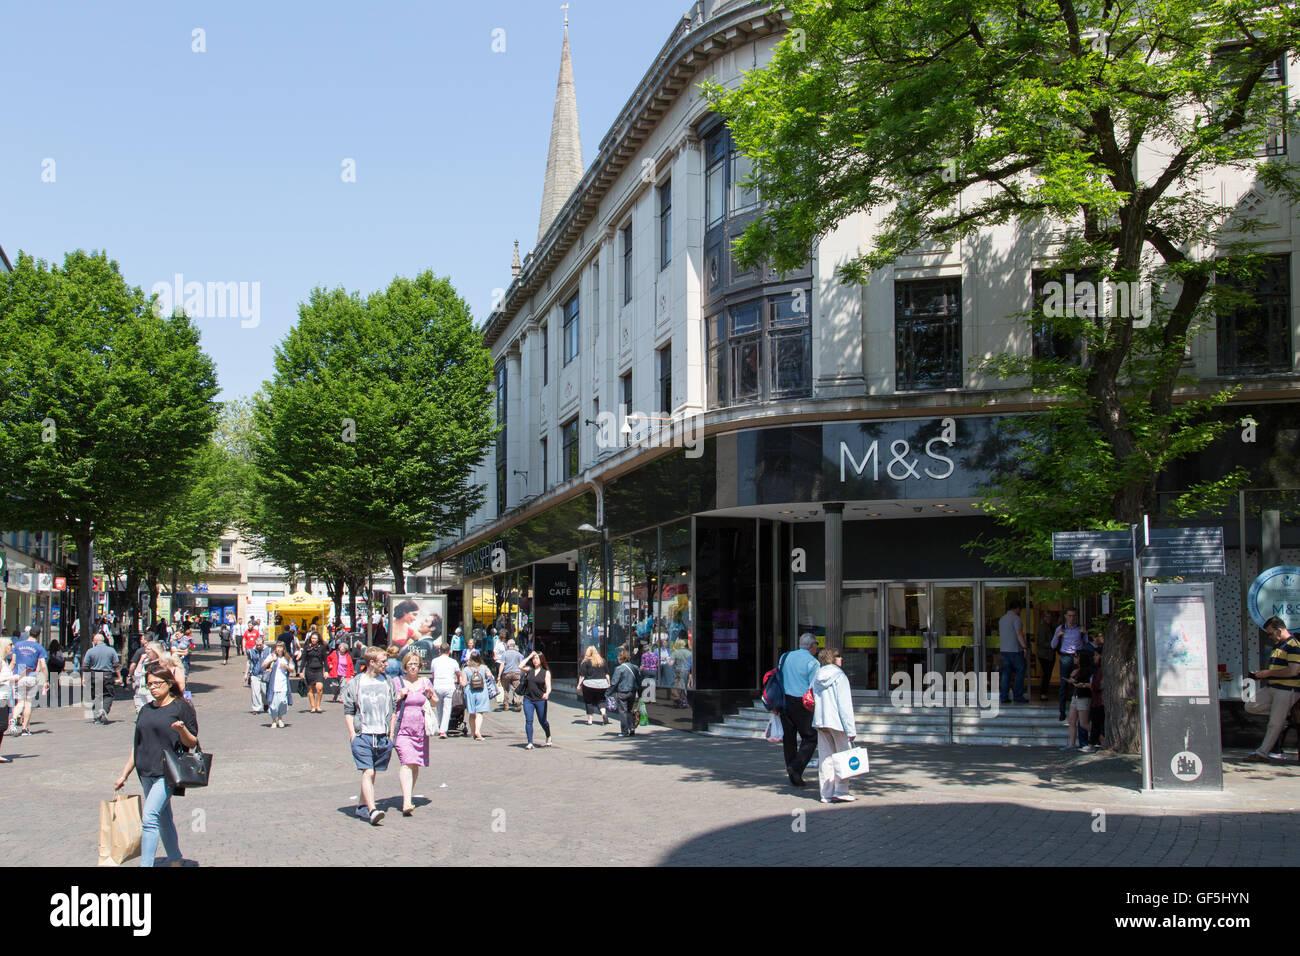 Albert Street, Nottingham city centre - Stock Image